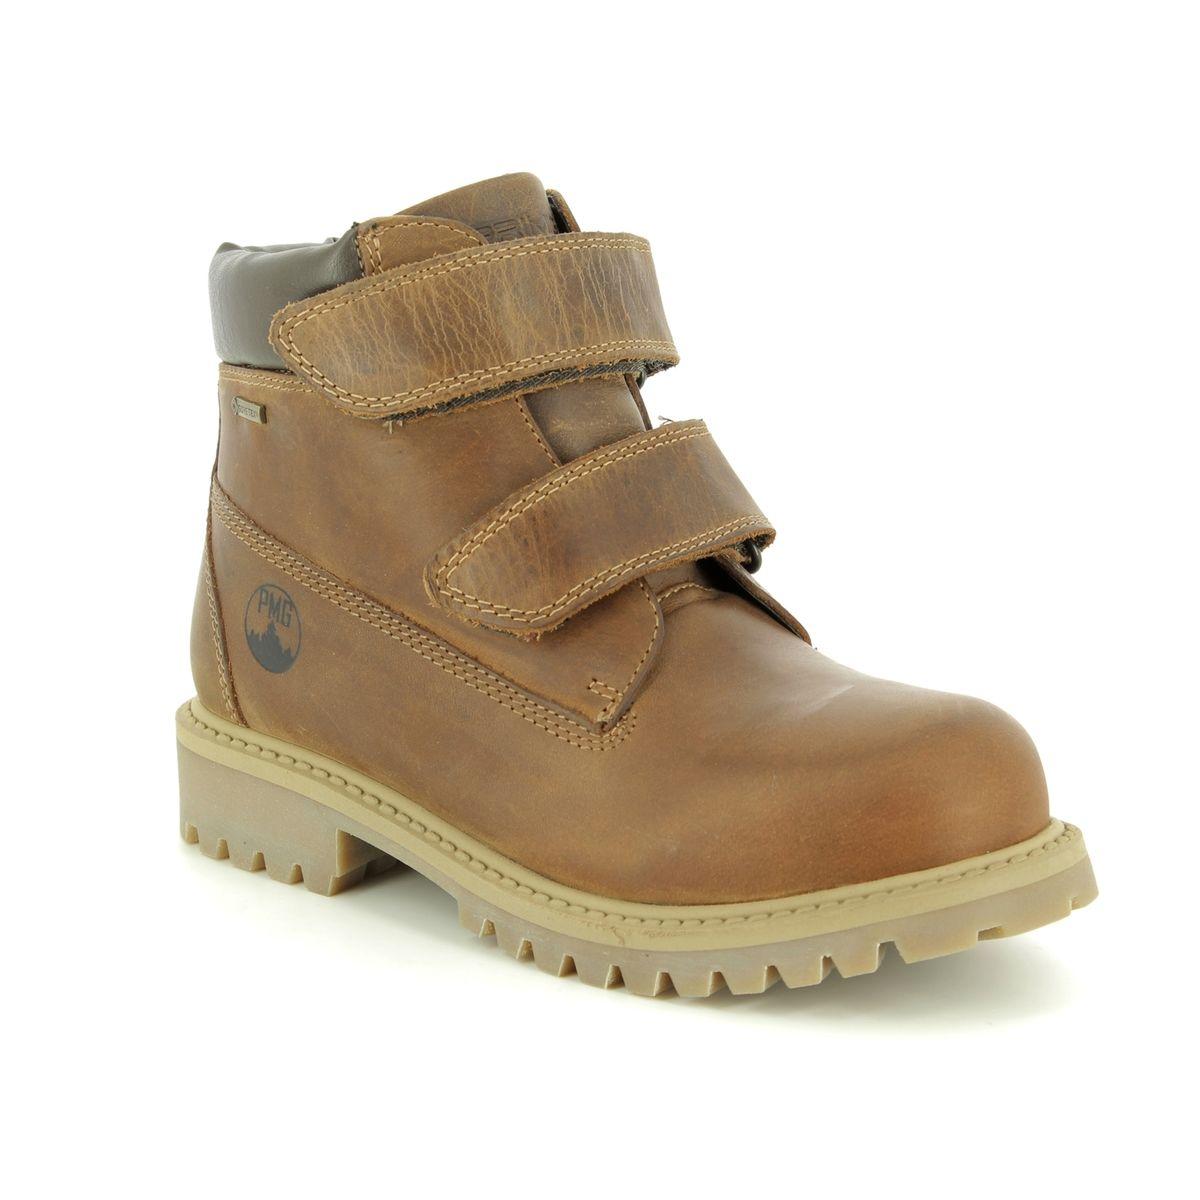 7a27bcf1001131 Primigi Boots - Brown leather - 24298 00 JACOB GORE-TEX